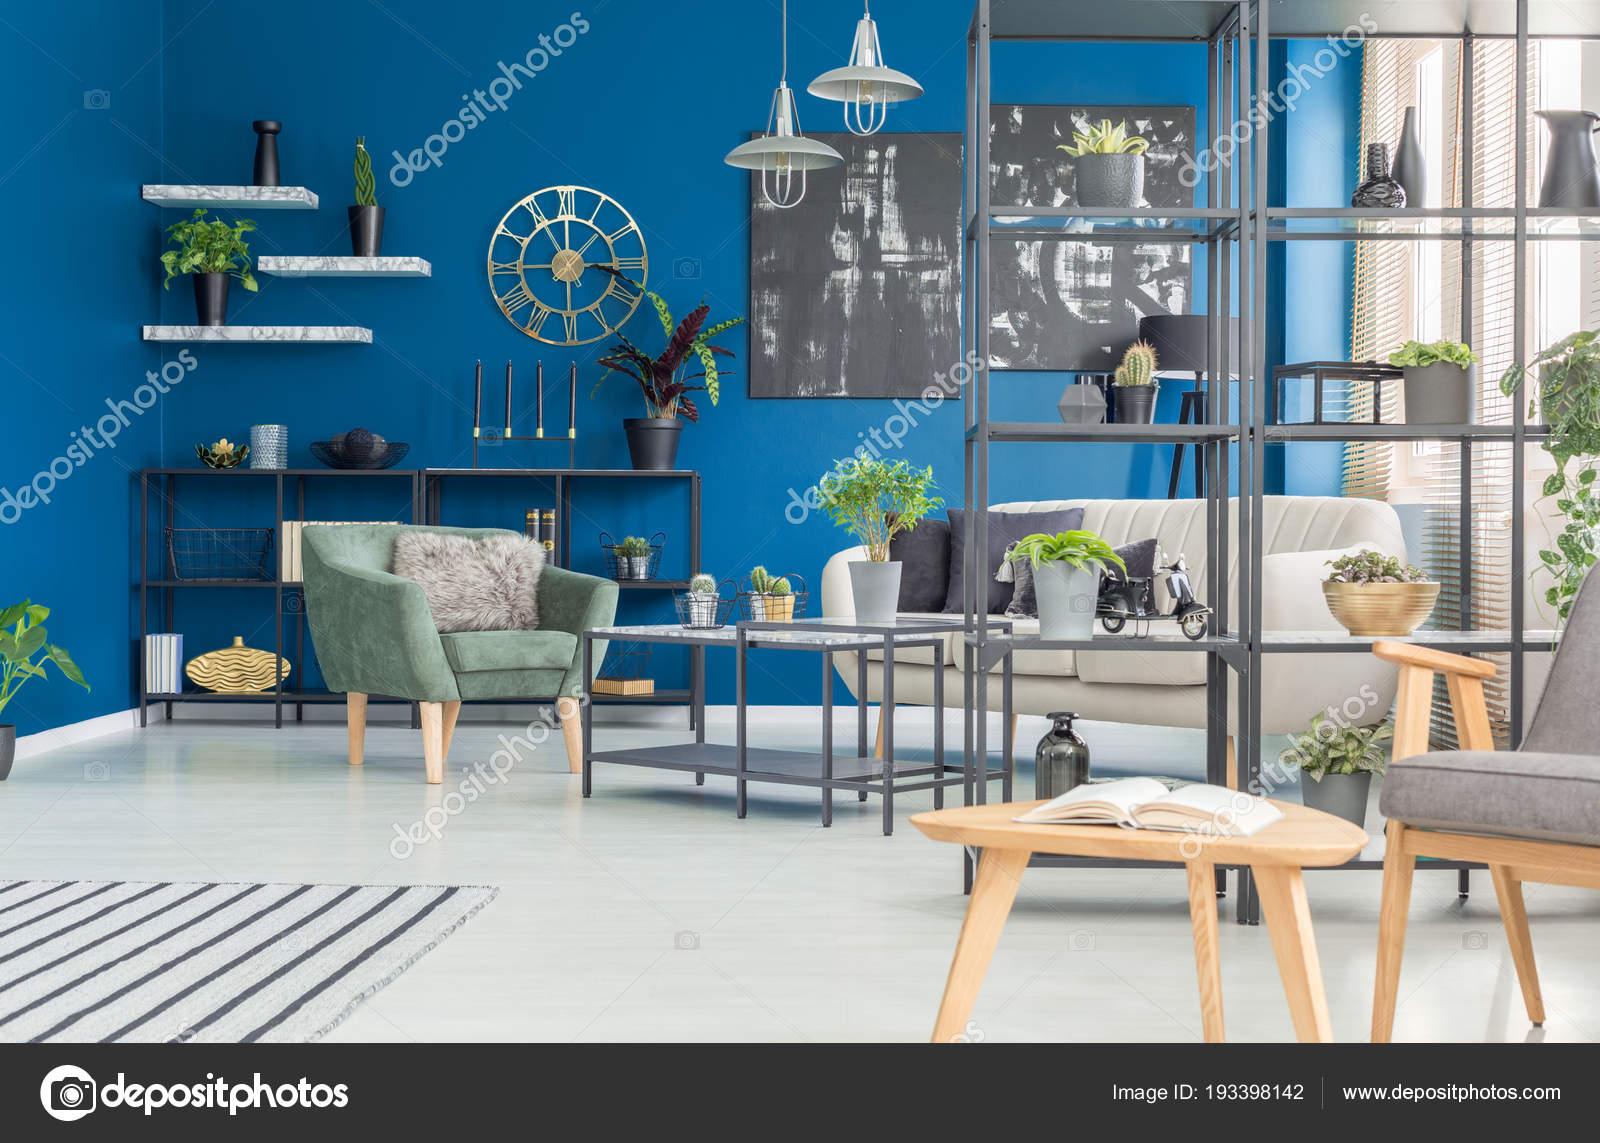 groene fauteuil tegen marine blauwe muur woonkamer interieur met zwarte stockfoto